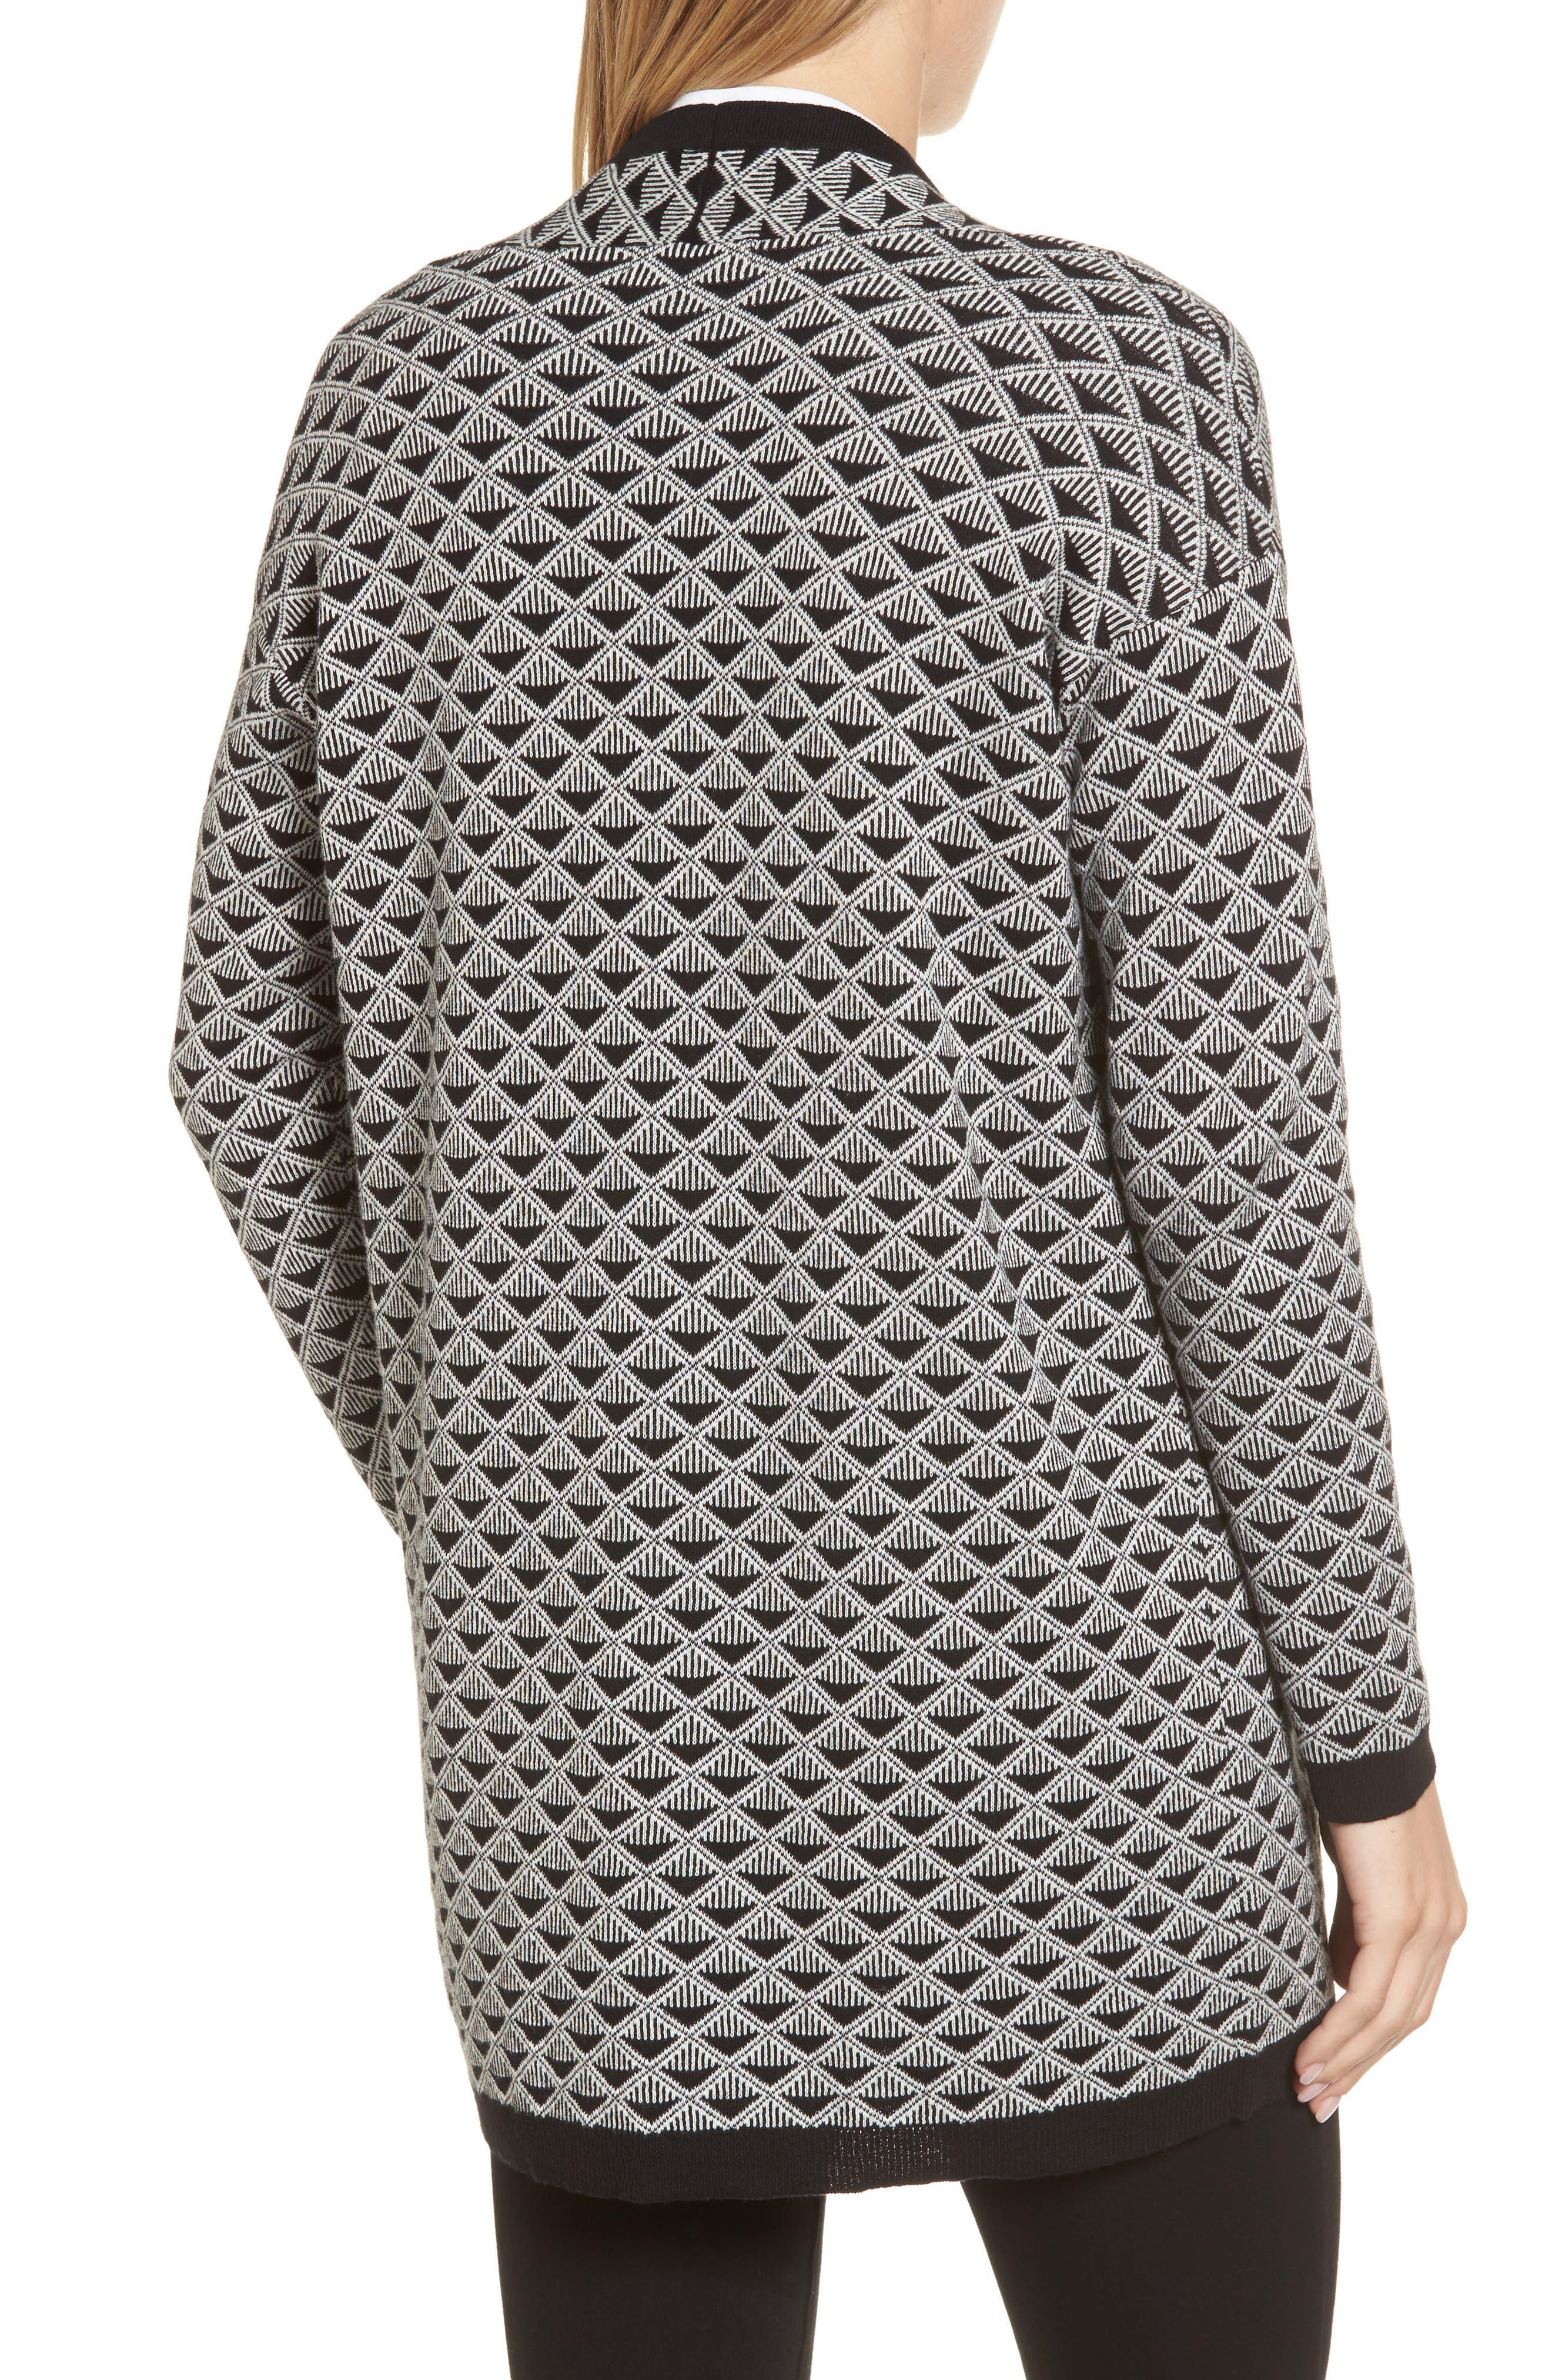 Geometric Jacquard Sweater,                             Alternate thumbnail 2, color,                             010